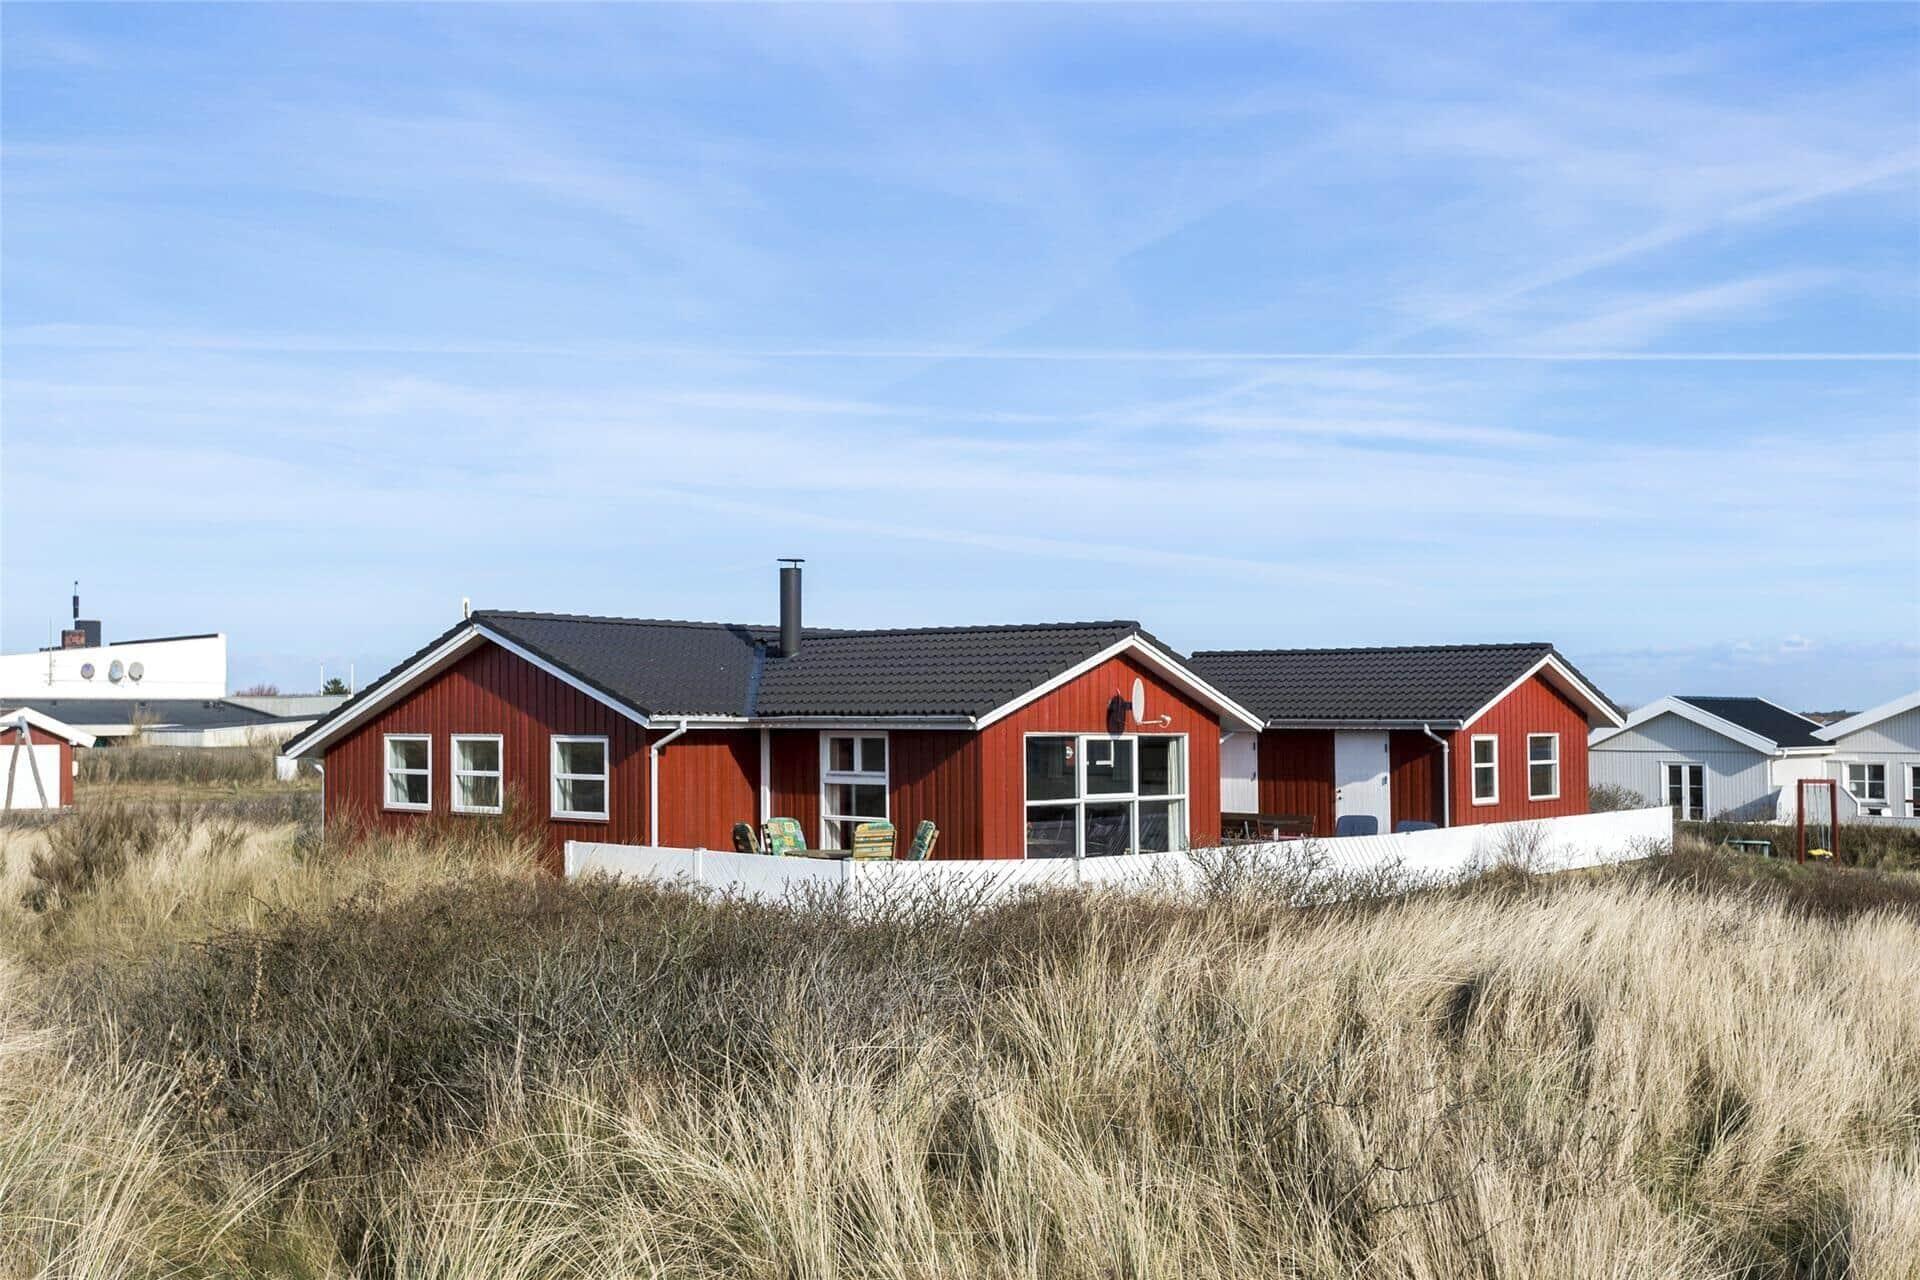 Billede 1-11 Sommerhus 0074, Lakolk 174, DK - 6792 Rømø